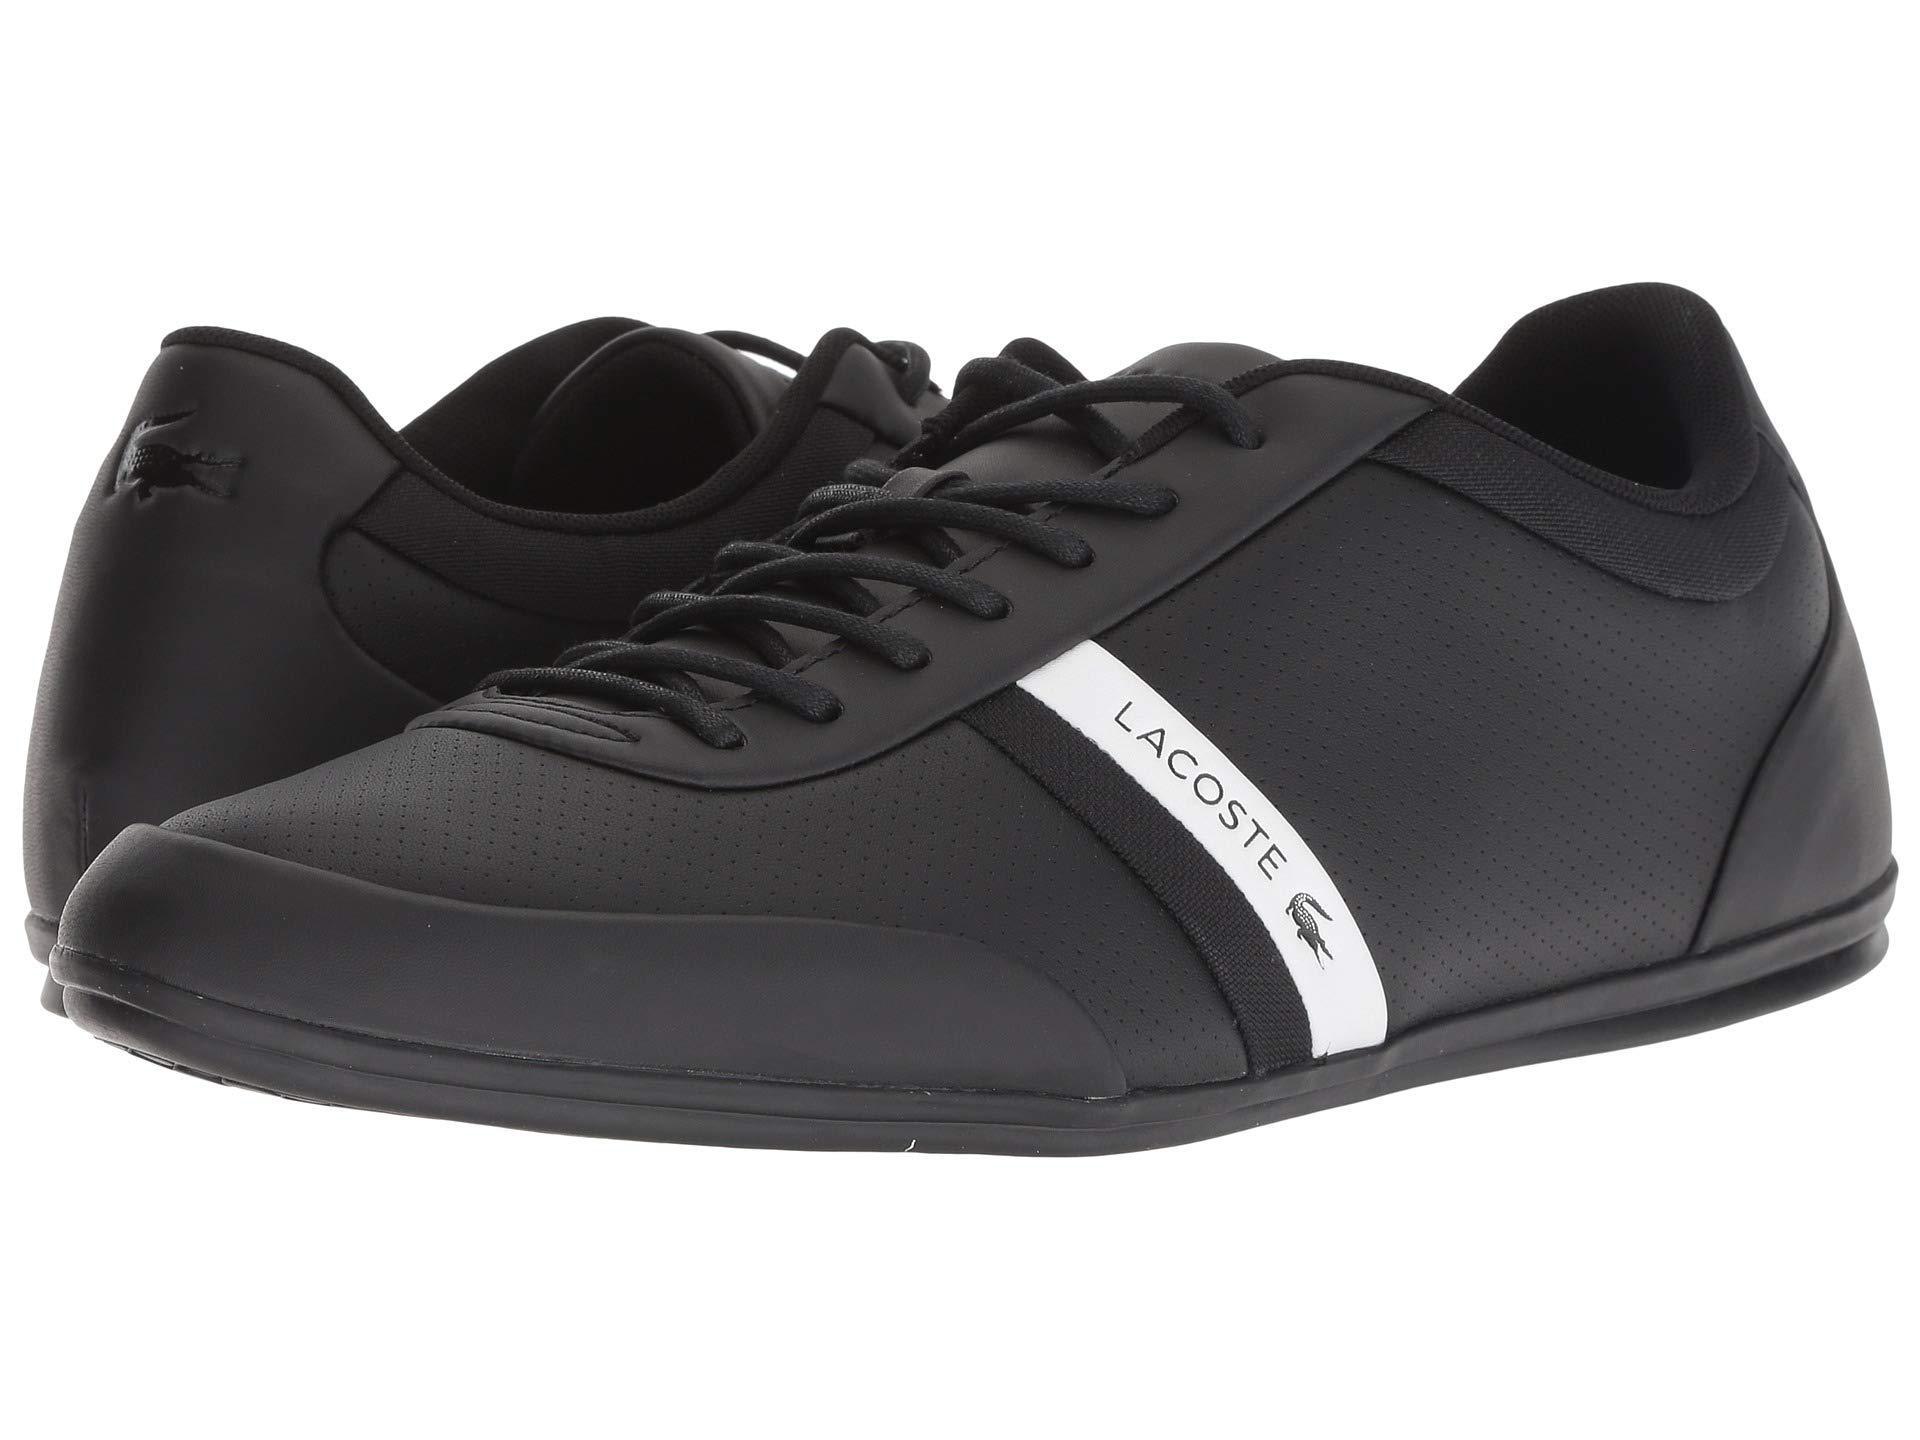 63e7ed734 Lyst - Lacoste Storda 318 1 U (white black) Men s Shoes in Black for Men